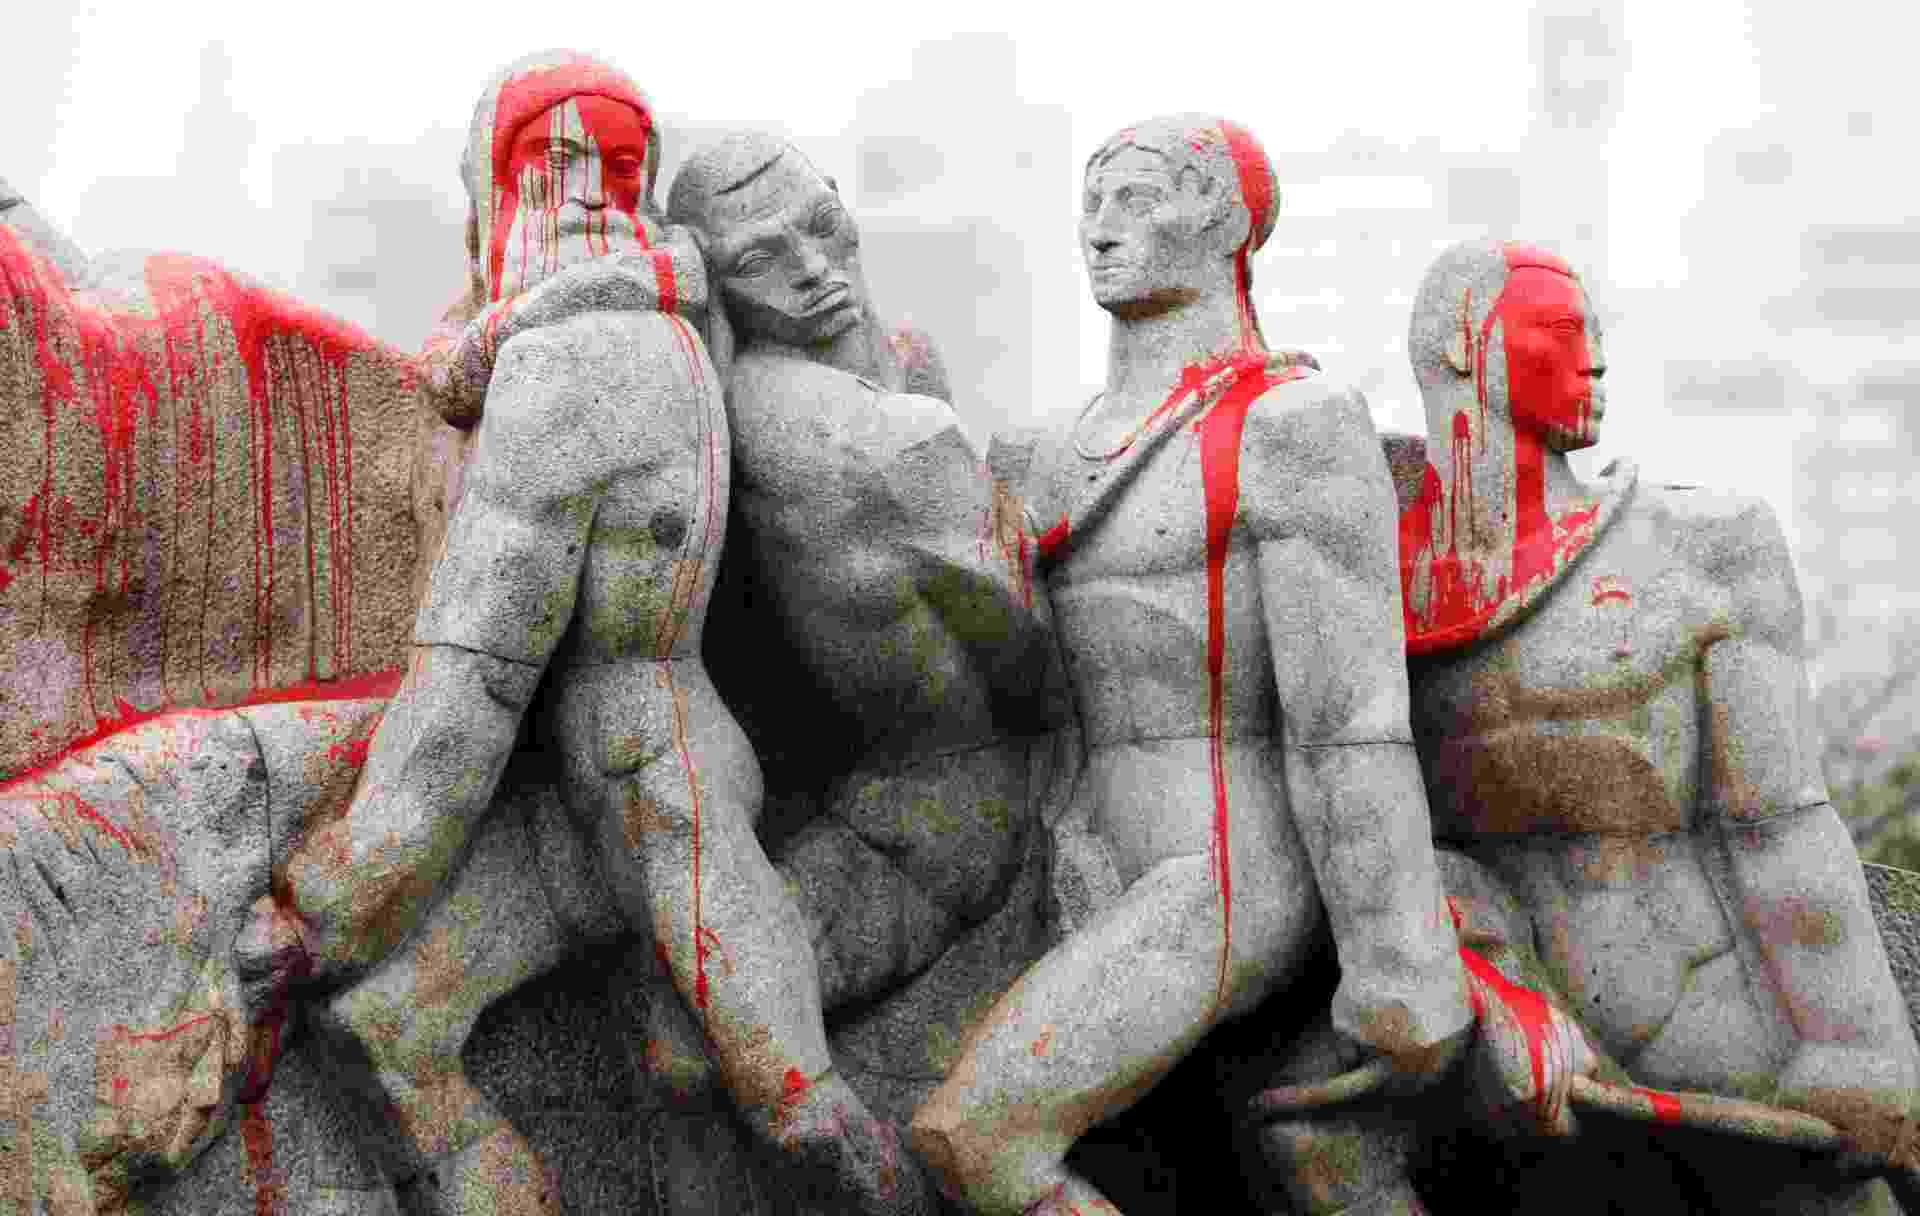 """3.out.2013 - O conjunto de estátuas do Monumento às Bandeiras, popularmente conhecido como """"empurra-empurra"""", no Parque do Ibirapuera, zona sul de São Paulo, foi pintado com tinta vermelha e pichado após protesto de movimentos sociais e indígenas na noite desta quarta feira (2) - Paulo Whitaker/Reuters"""